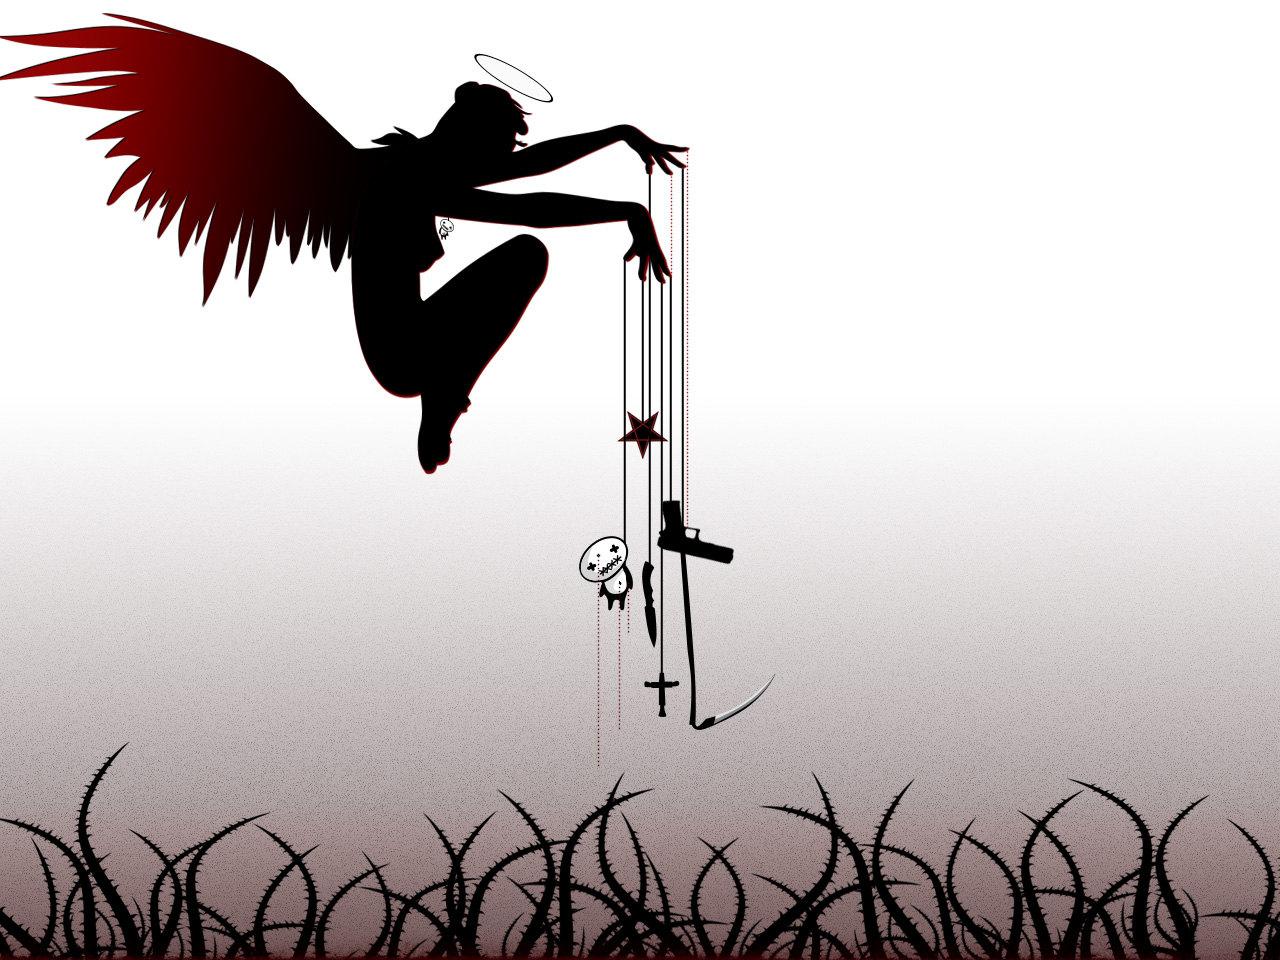 Я не бес, я - темный ангел. Угольным крылом укрою.